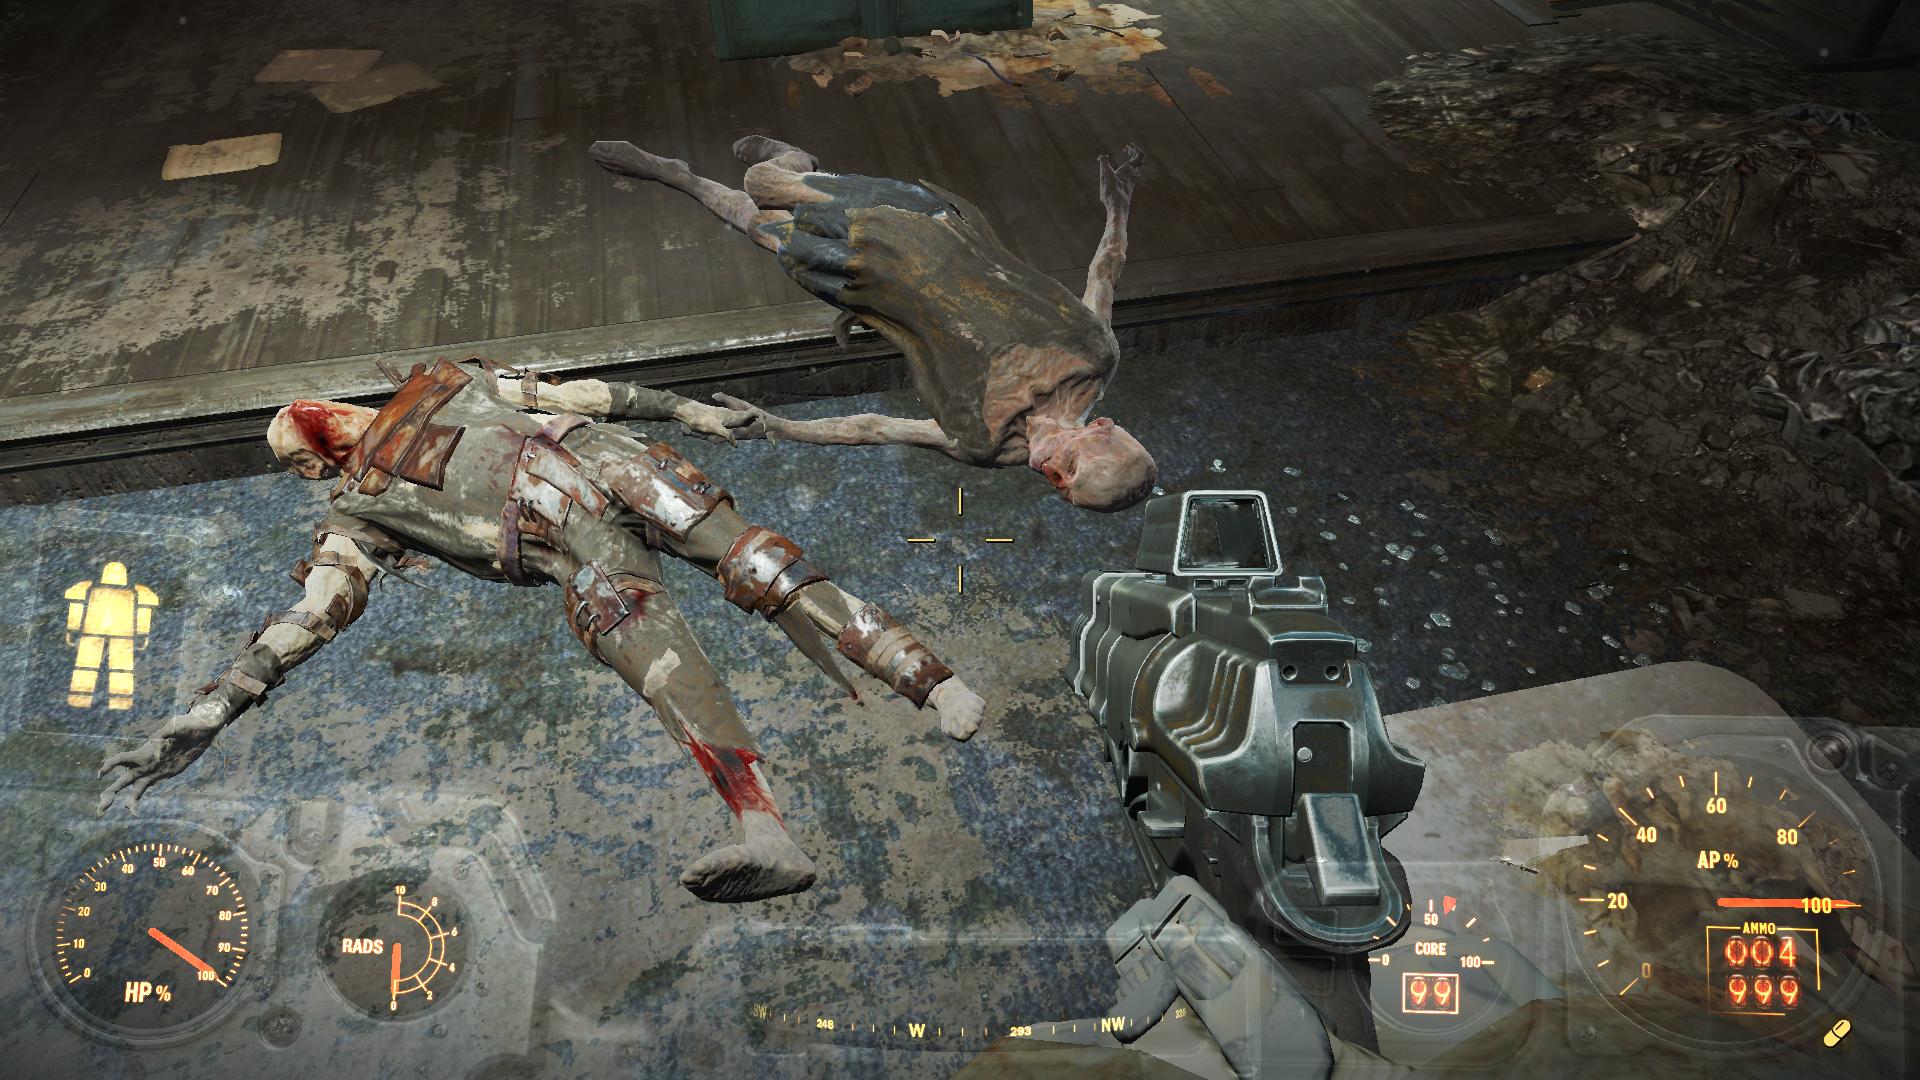 Друзья навеки - Fallout 4 гуль, фар харбор, боулинг бивер-крик